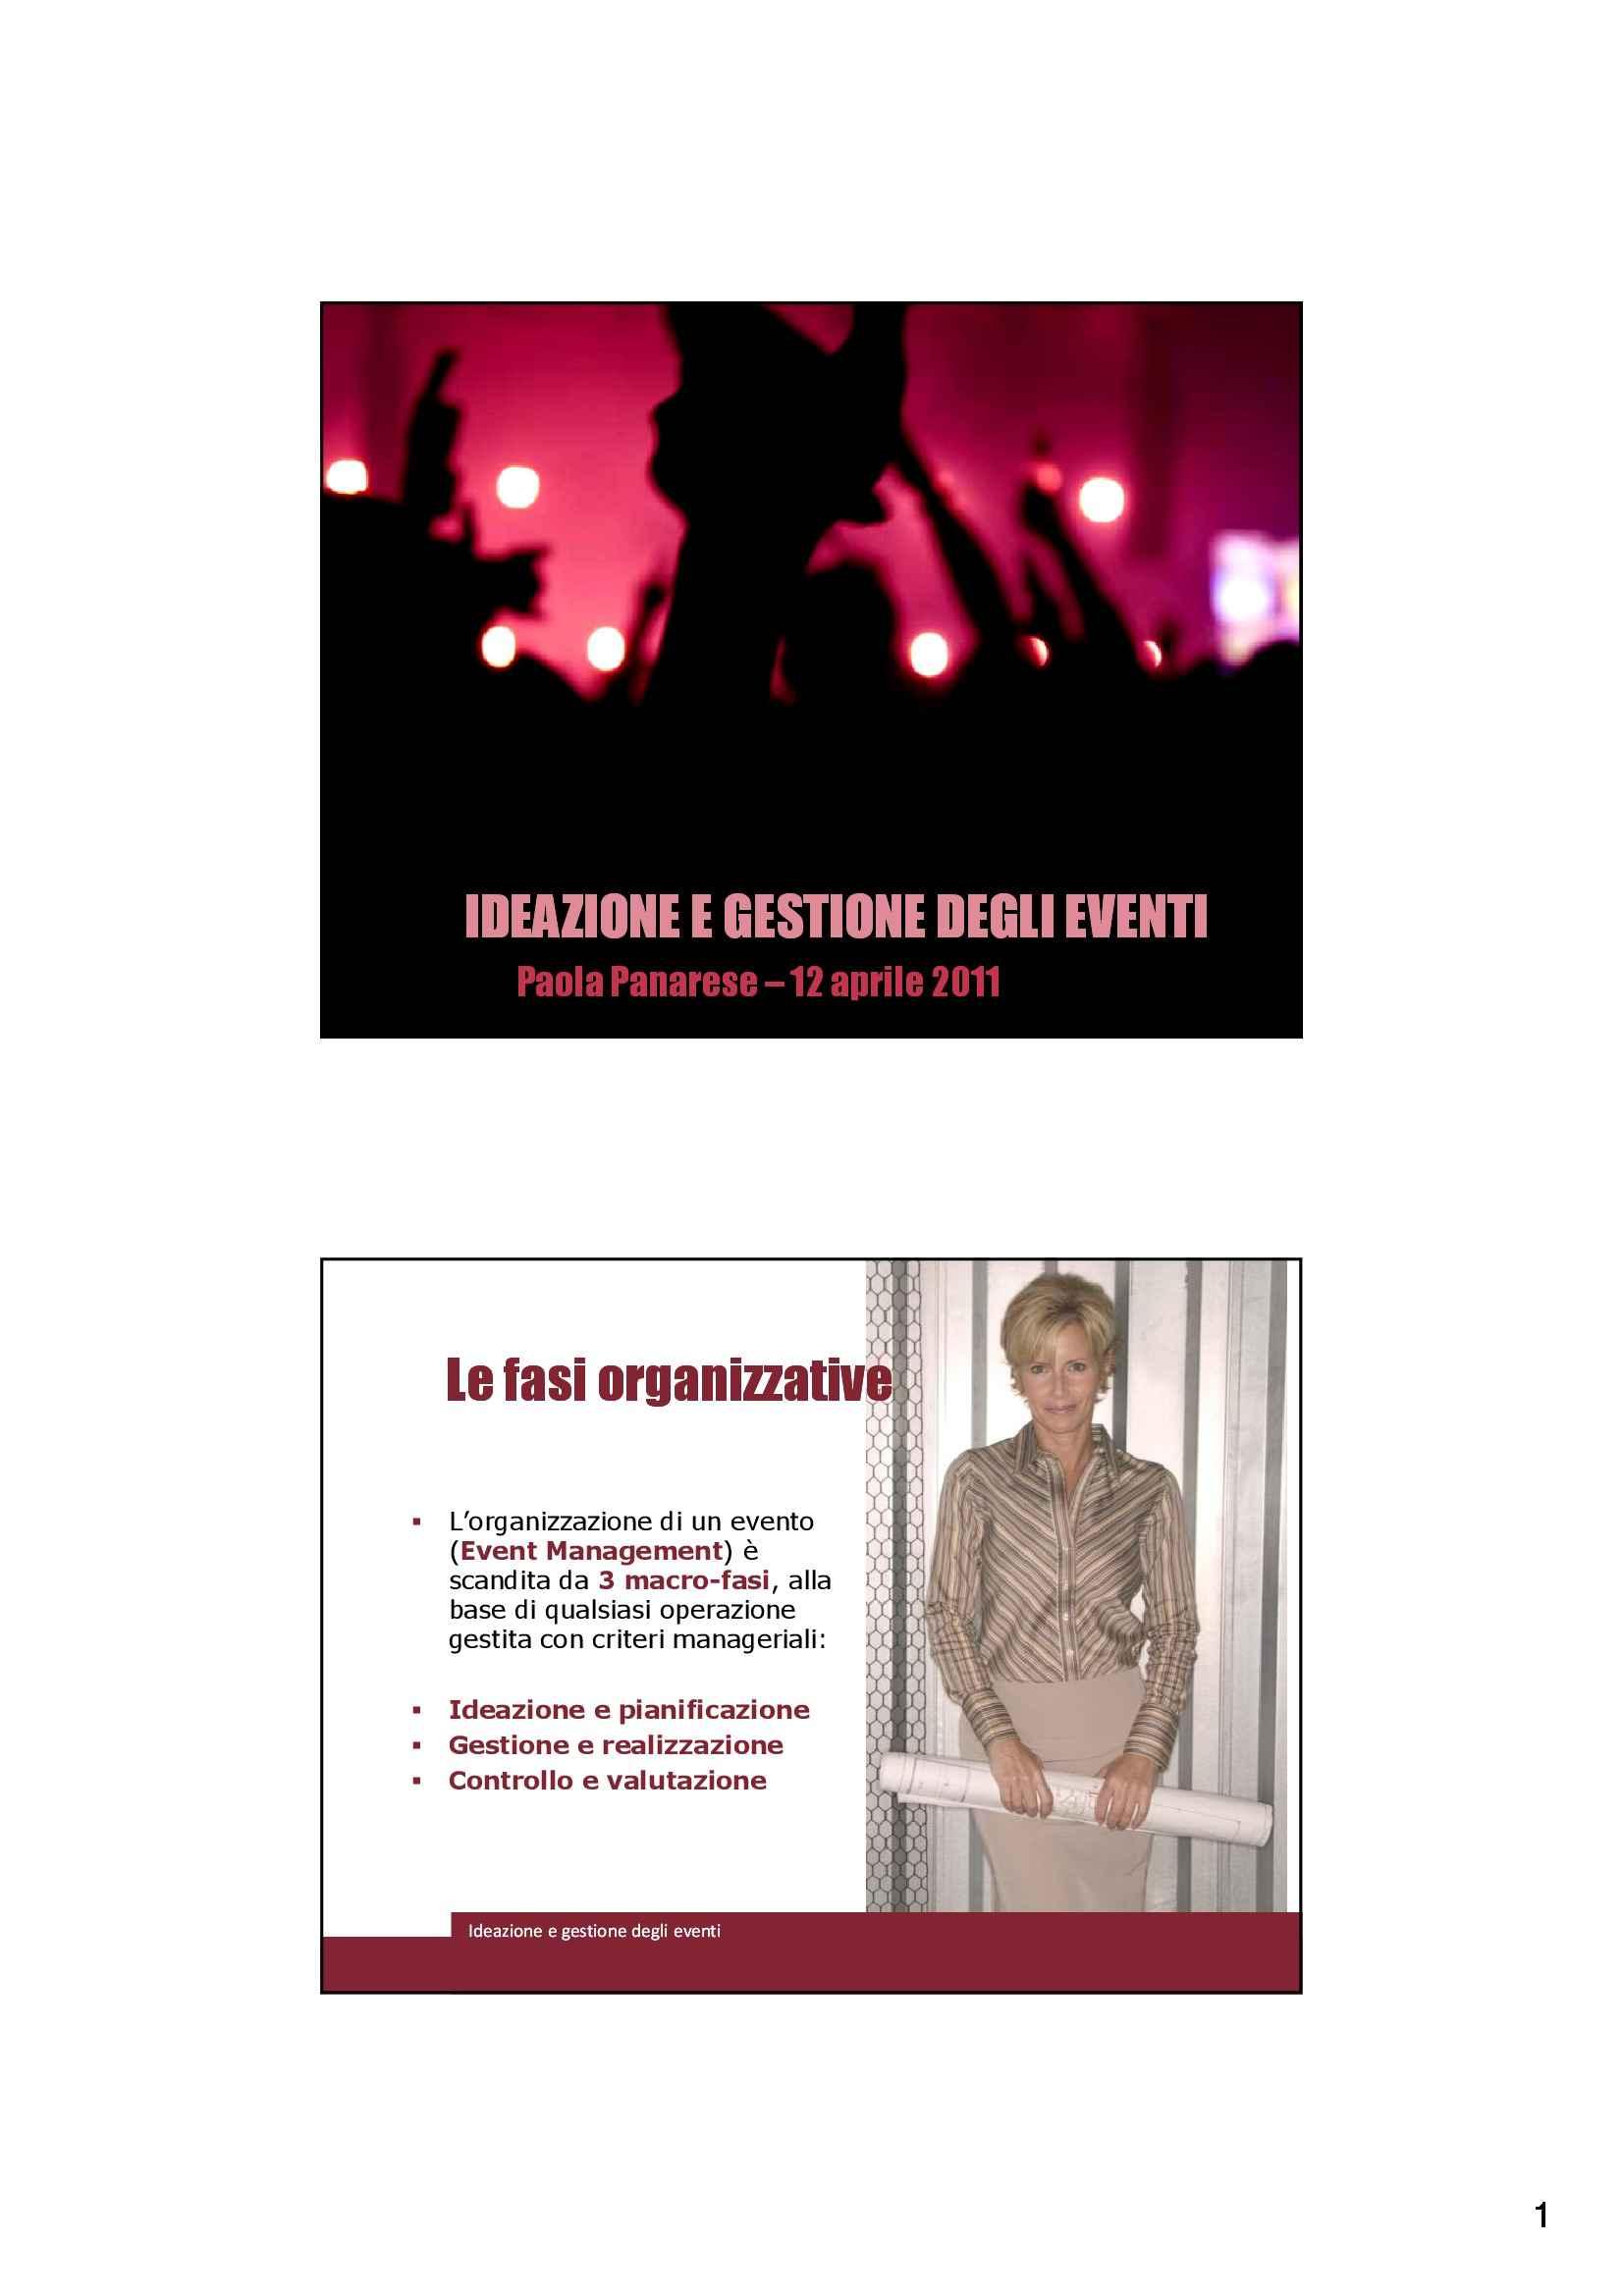 Comunicazione evento - Organizzazione